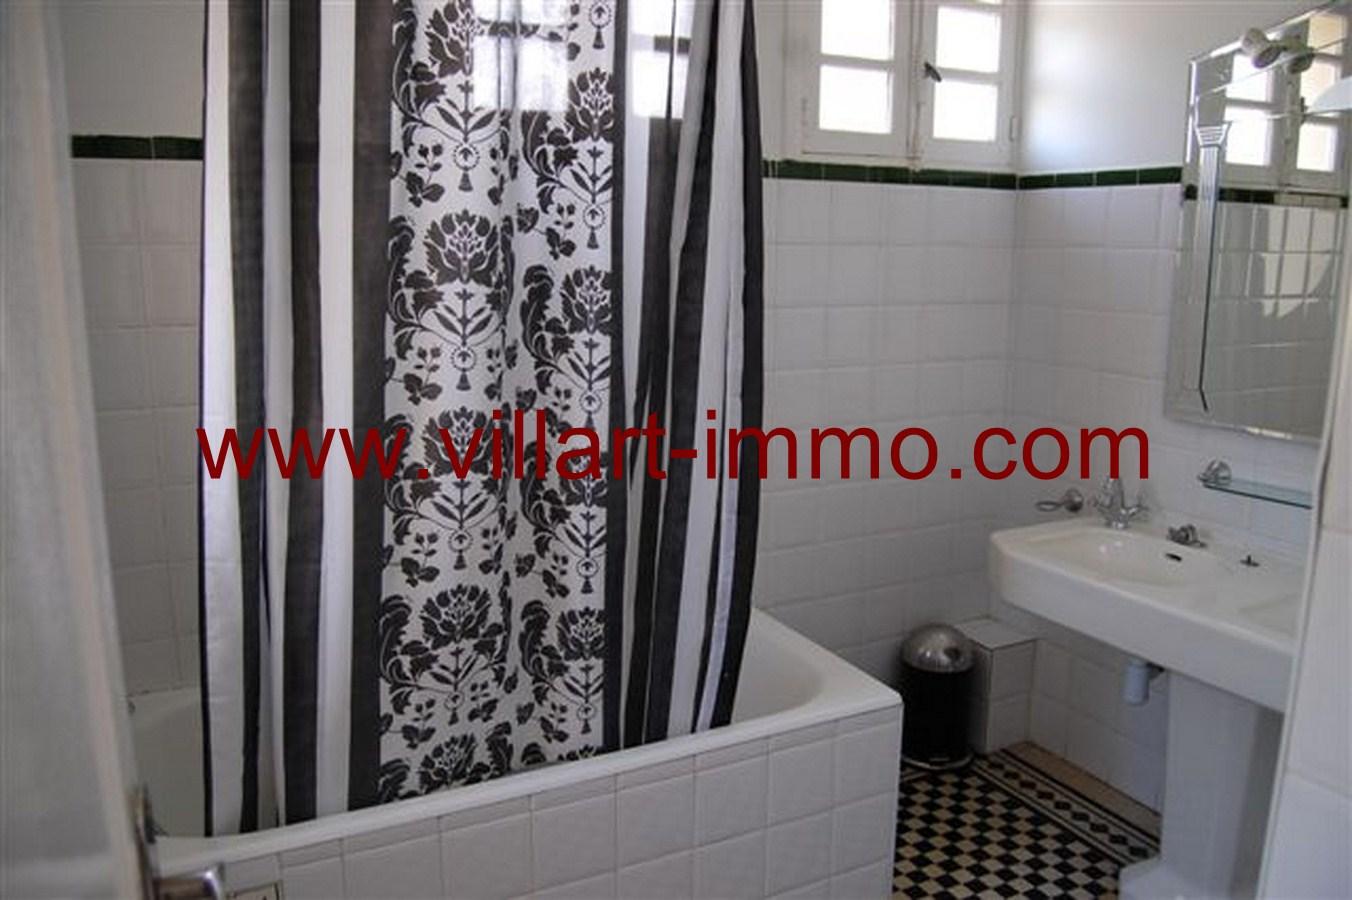 9-Location-Maison-Non-Meublée-Tanger-Salle de bain-LV312